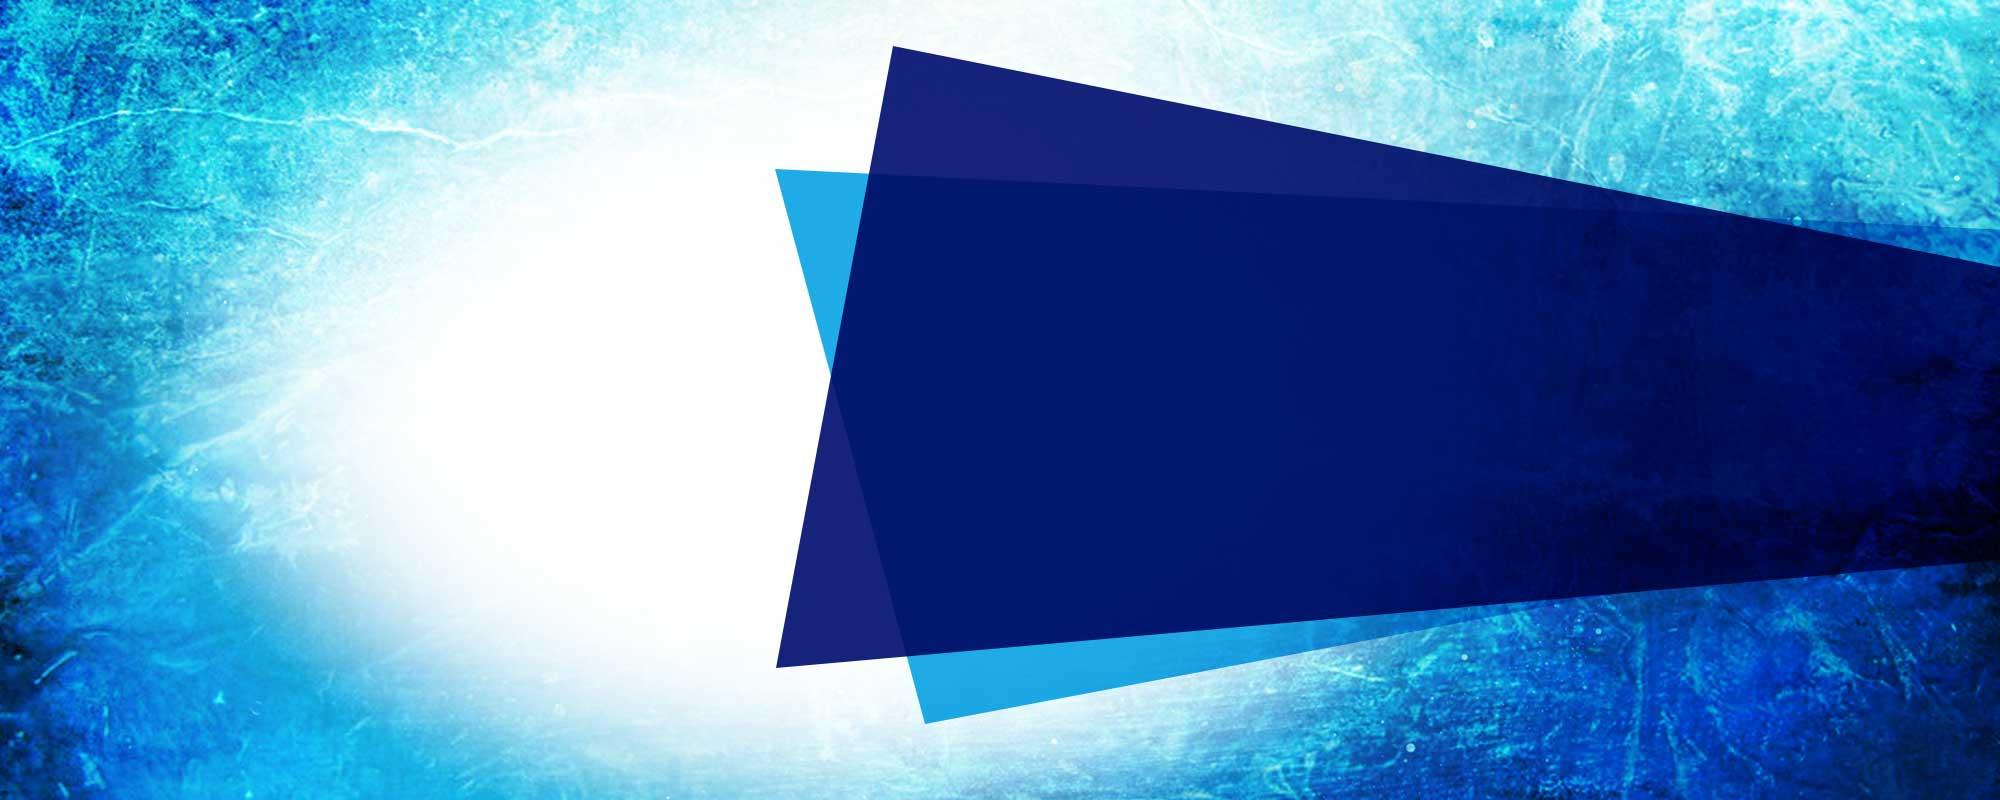 bg-azul